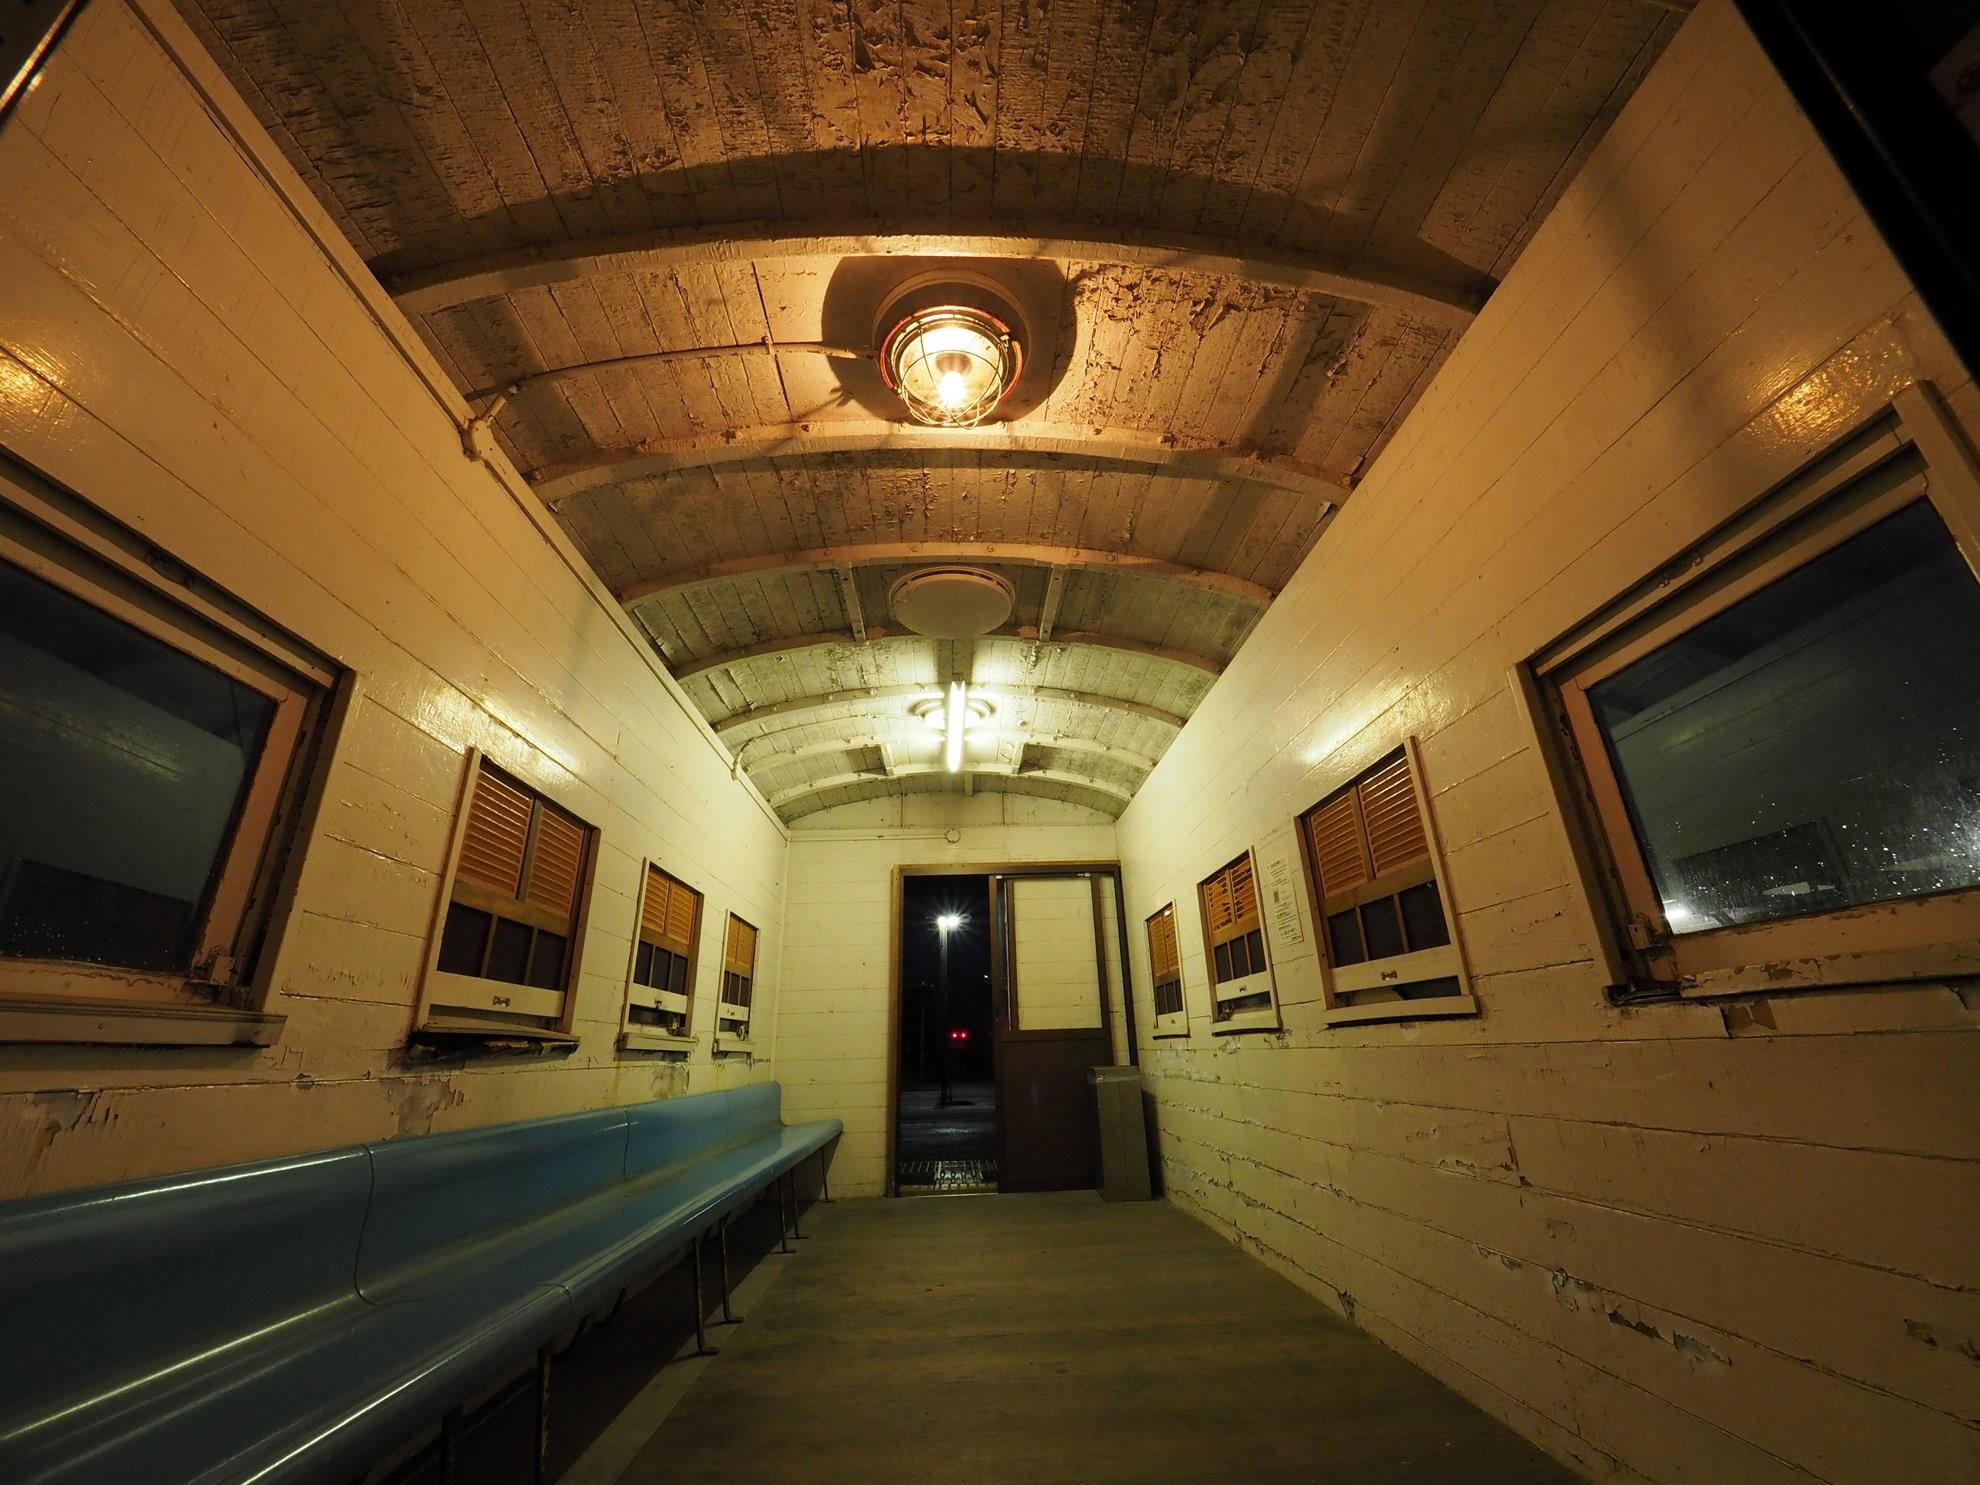 御来屋駅 ホームの待合室 内部2